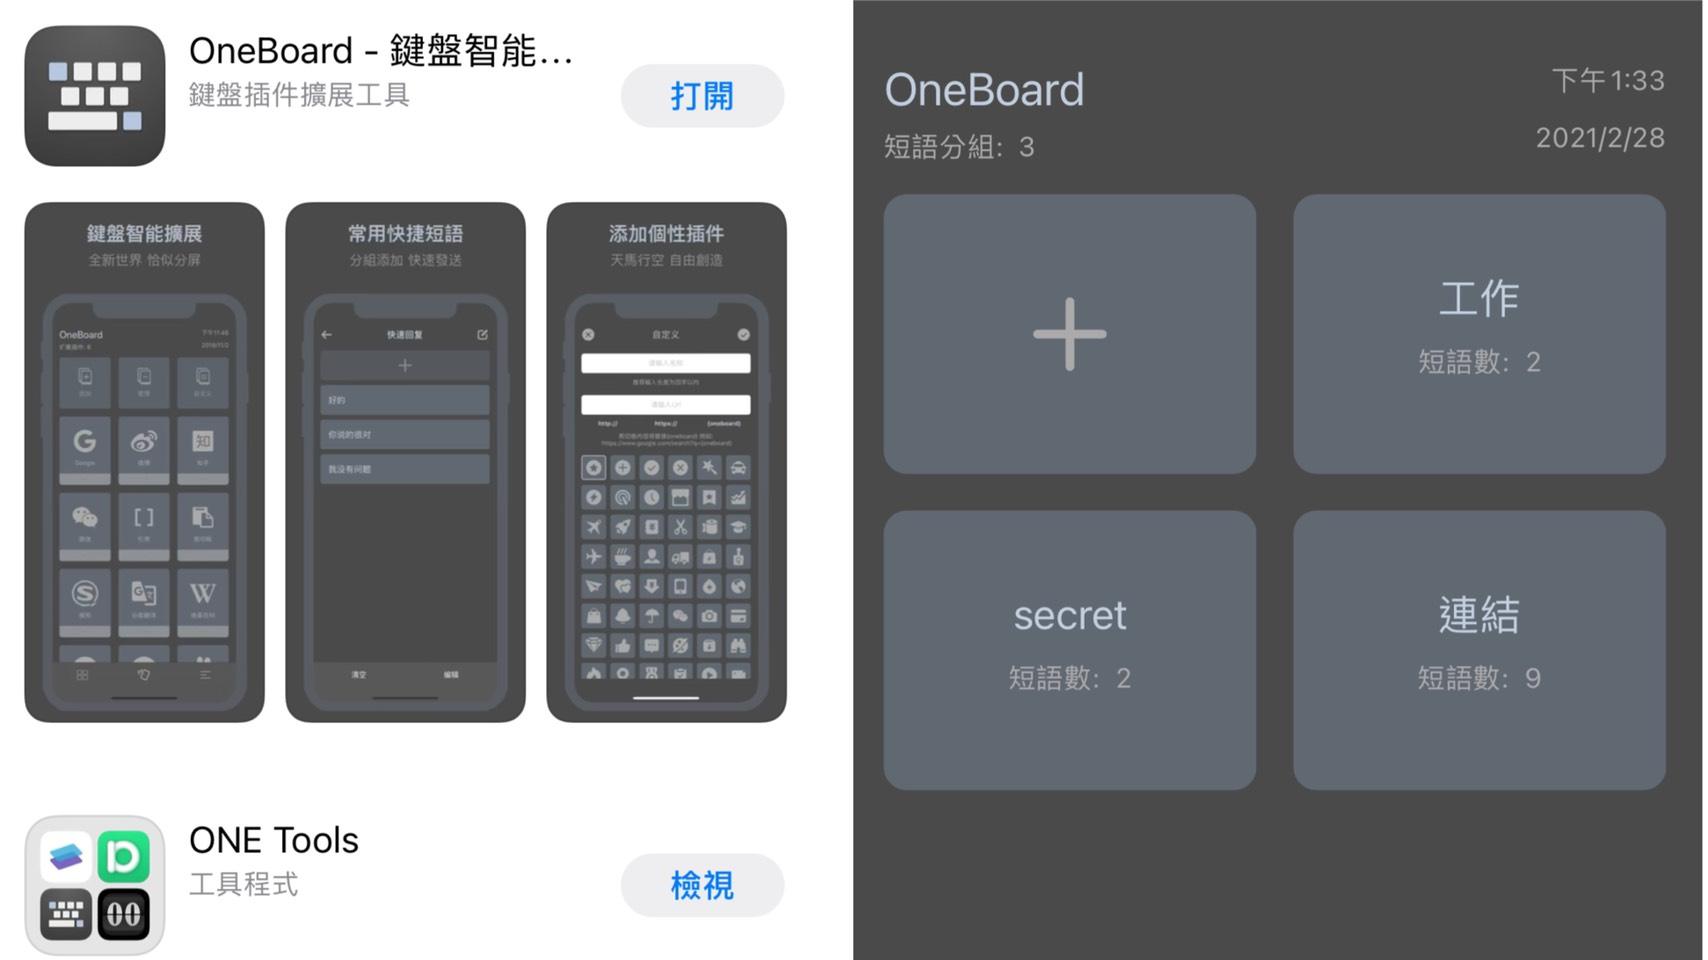 iPhone手機鍵盤快捷工具-OneBoard,常用字彙一秒貼上,回覆超迅速!